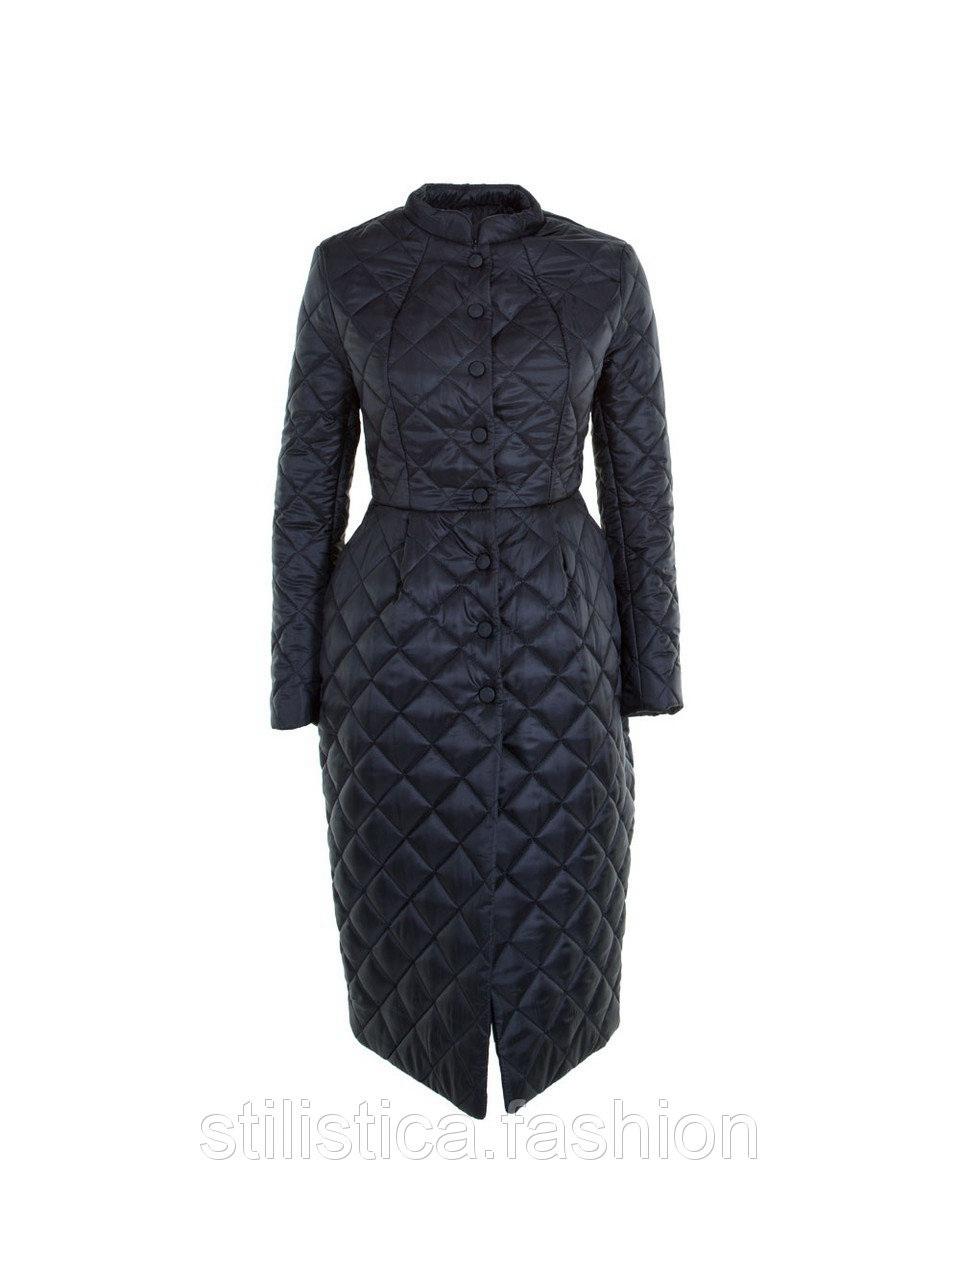 Длинное-экстравагантное стеганное пальто бежевого цвета IMPERIAL Италия в размере XS.